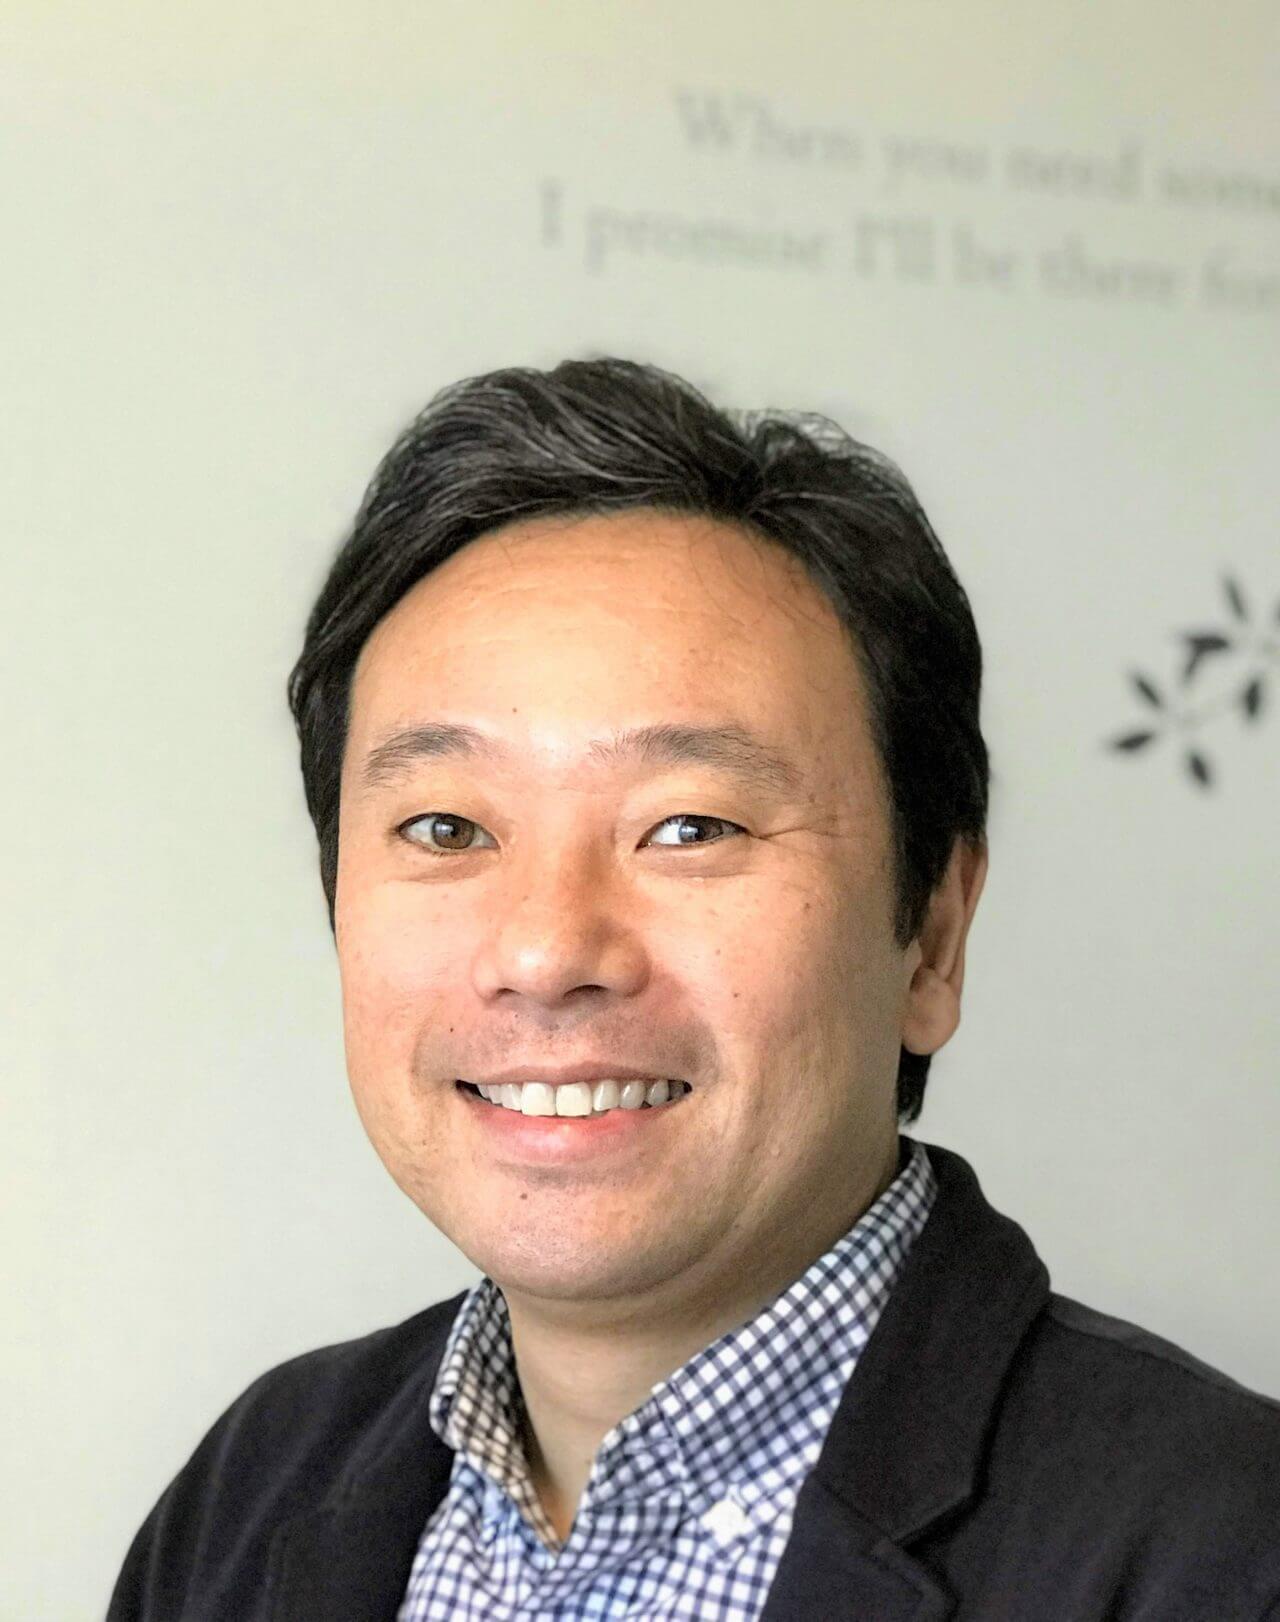 ・株式会社タイタンコミュニケーションズ 代表取締役 林 秀紀氏|人工知能を搭載した製品・サービスの比較一覧・導入活用事例・資料請求が無料でできるAIポータルメディア